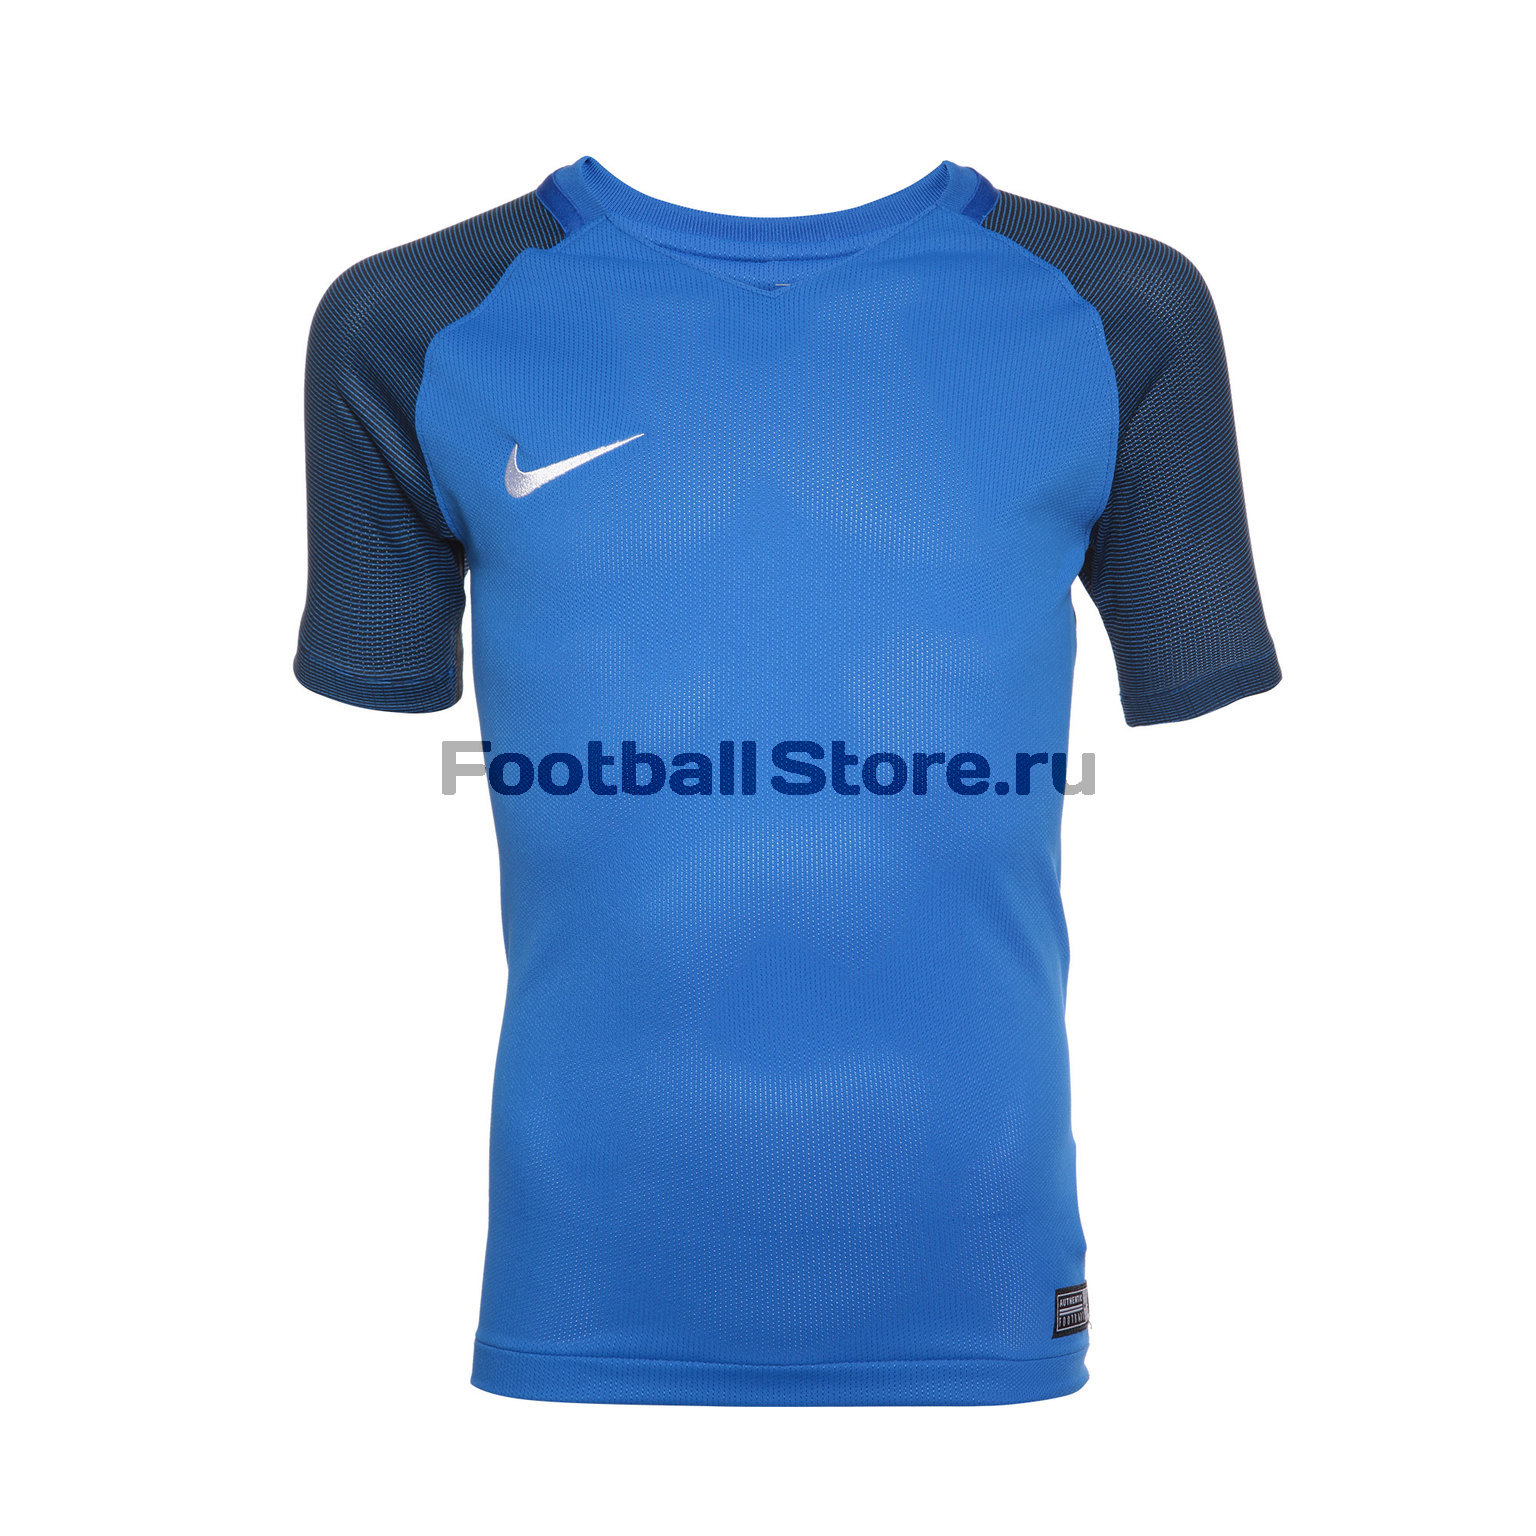 Футболка игровая детская Nike SS YTH Revolution IV JSY 833018-455 термобелье верх поддевка nike core comp ss top yth sp15 522801 010 s l чёрный